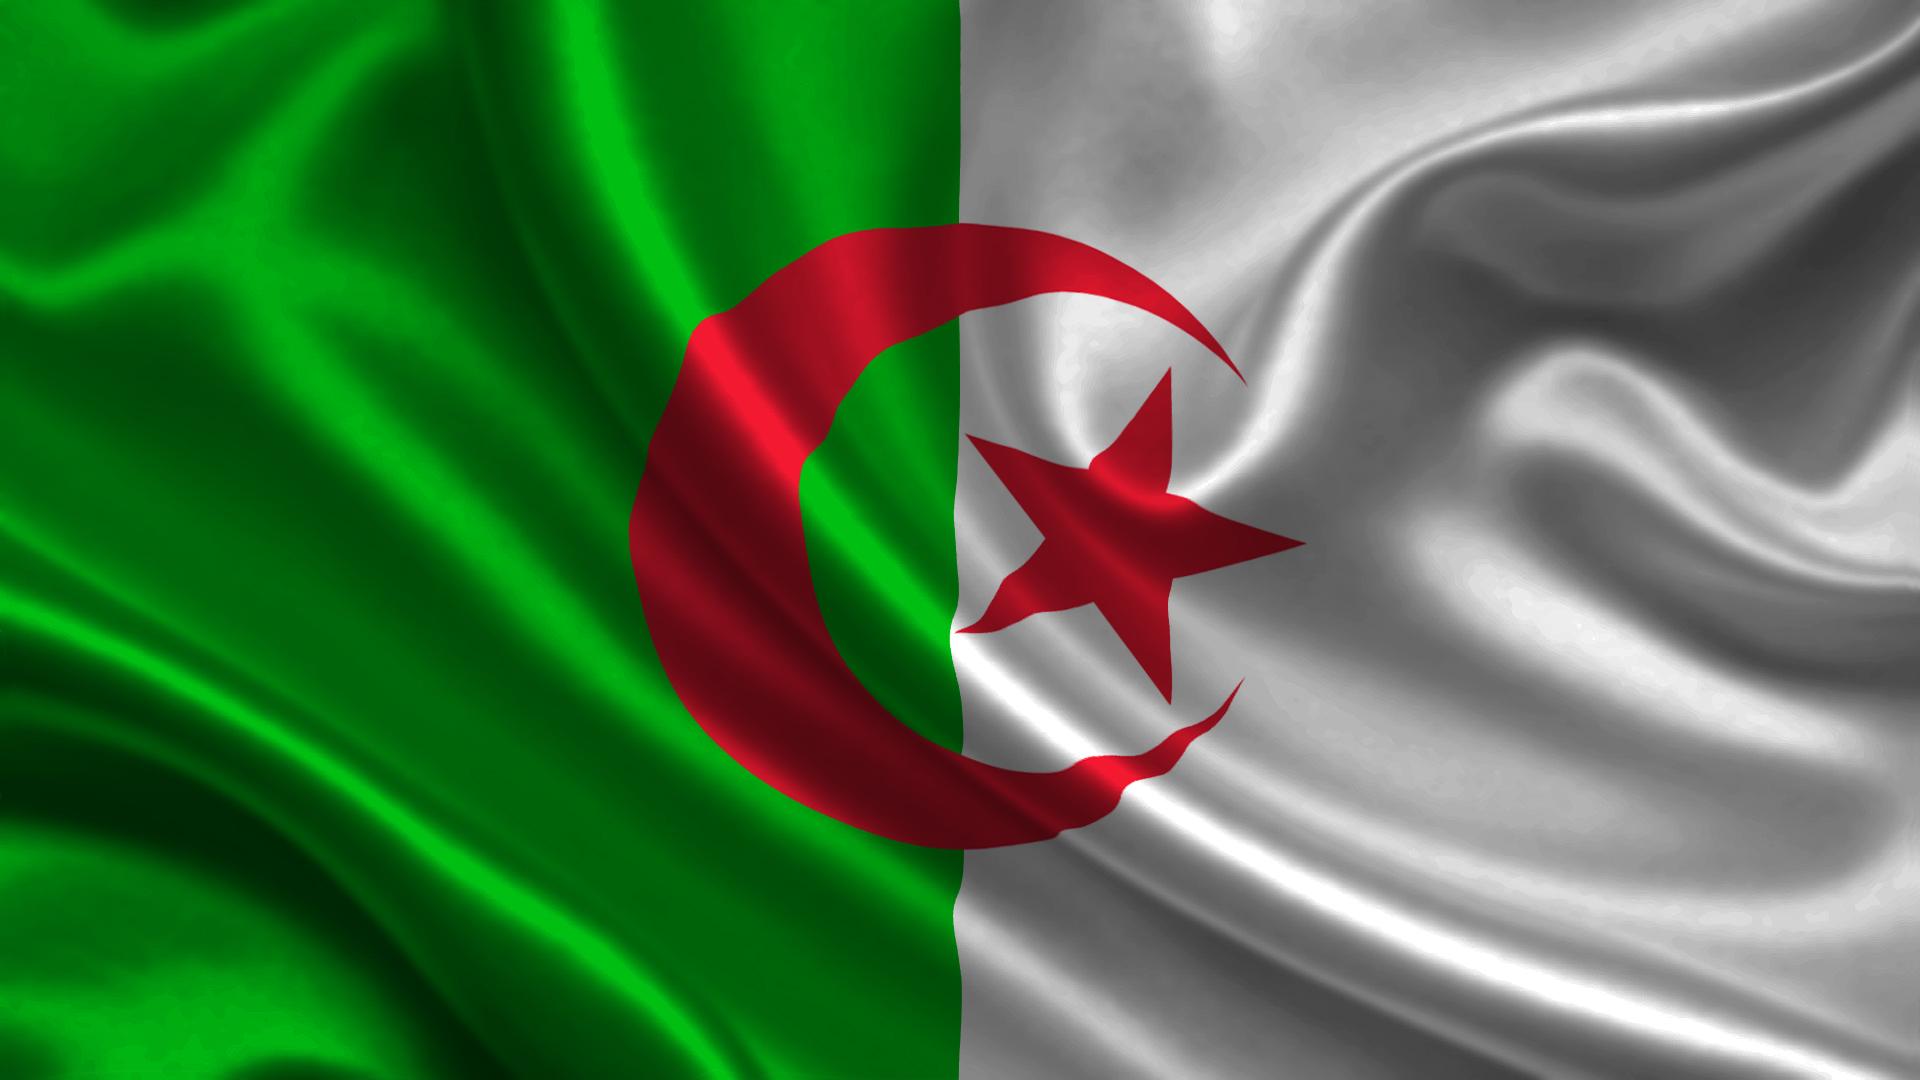 صور علم الجزائر (2)